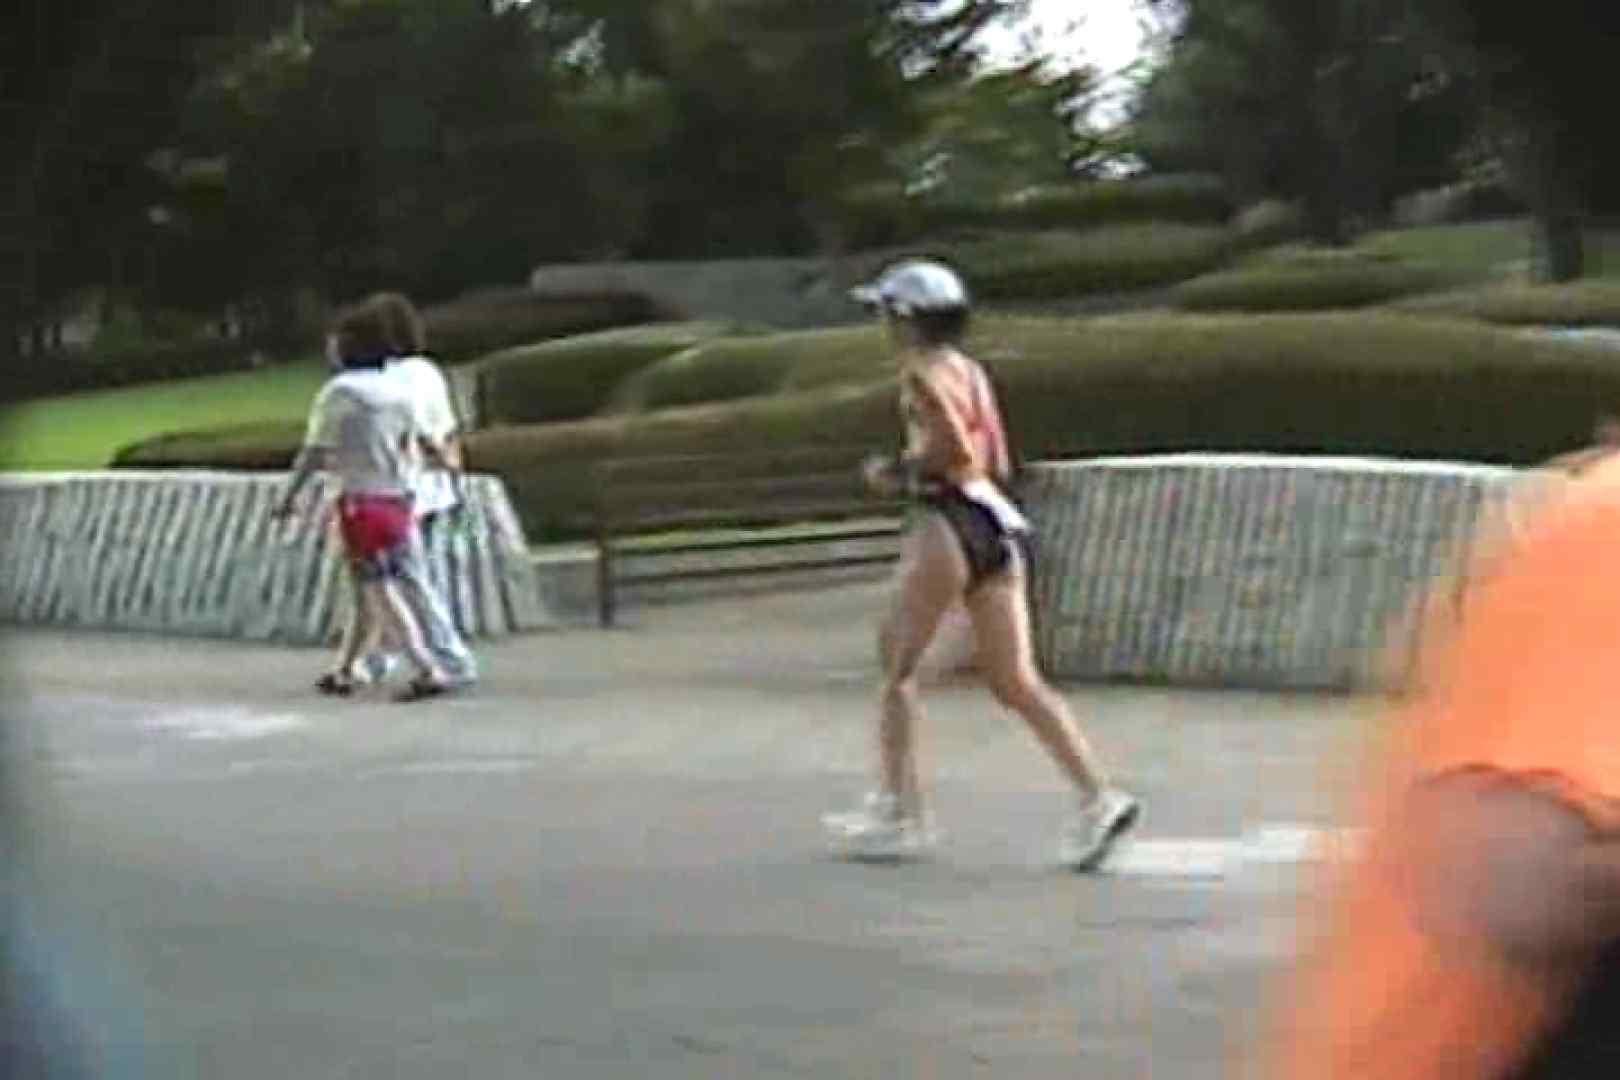 鉄人レース!!トライアスロンに挑む女性達!!Vol.4 乳首 | 貧乳  76PIX 46